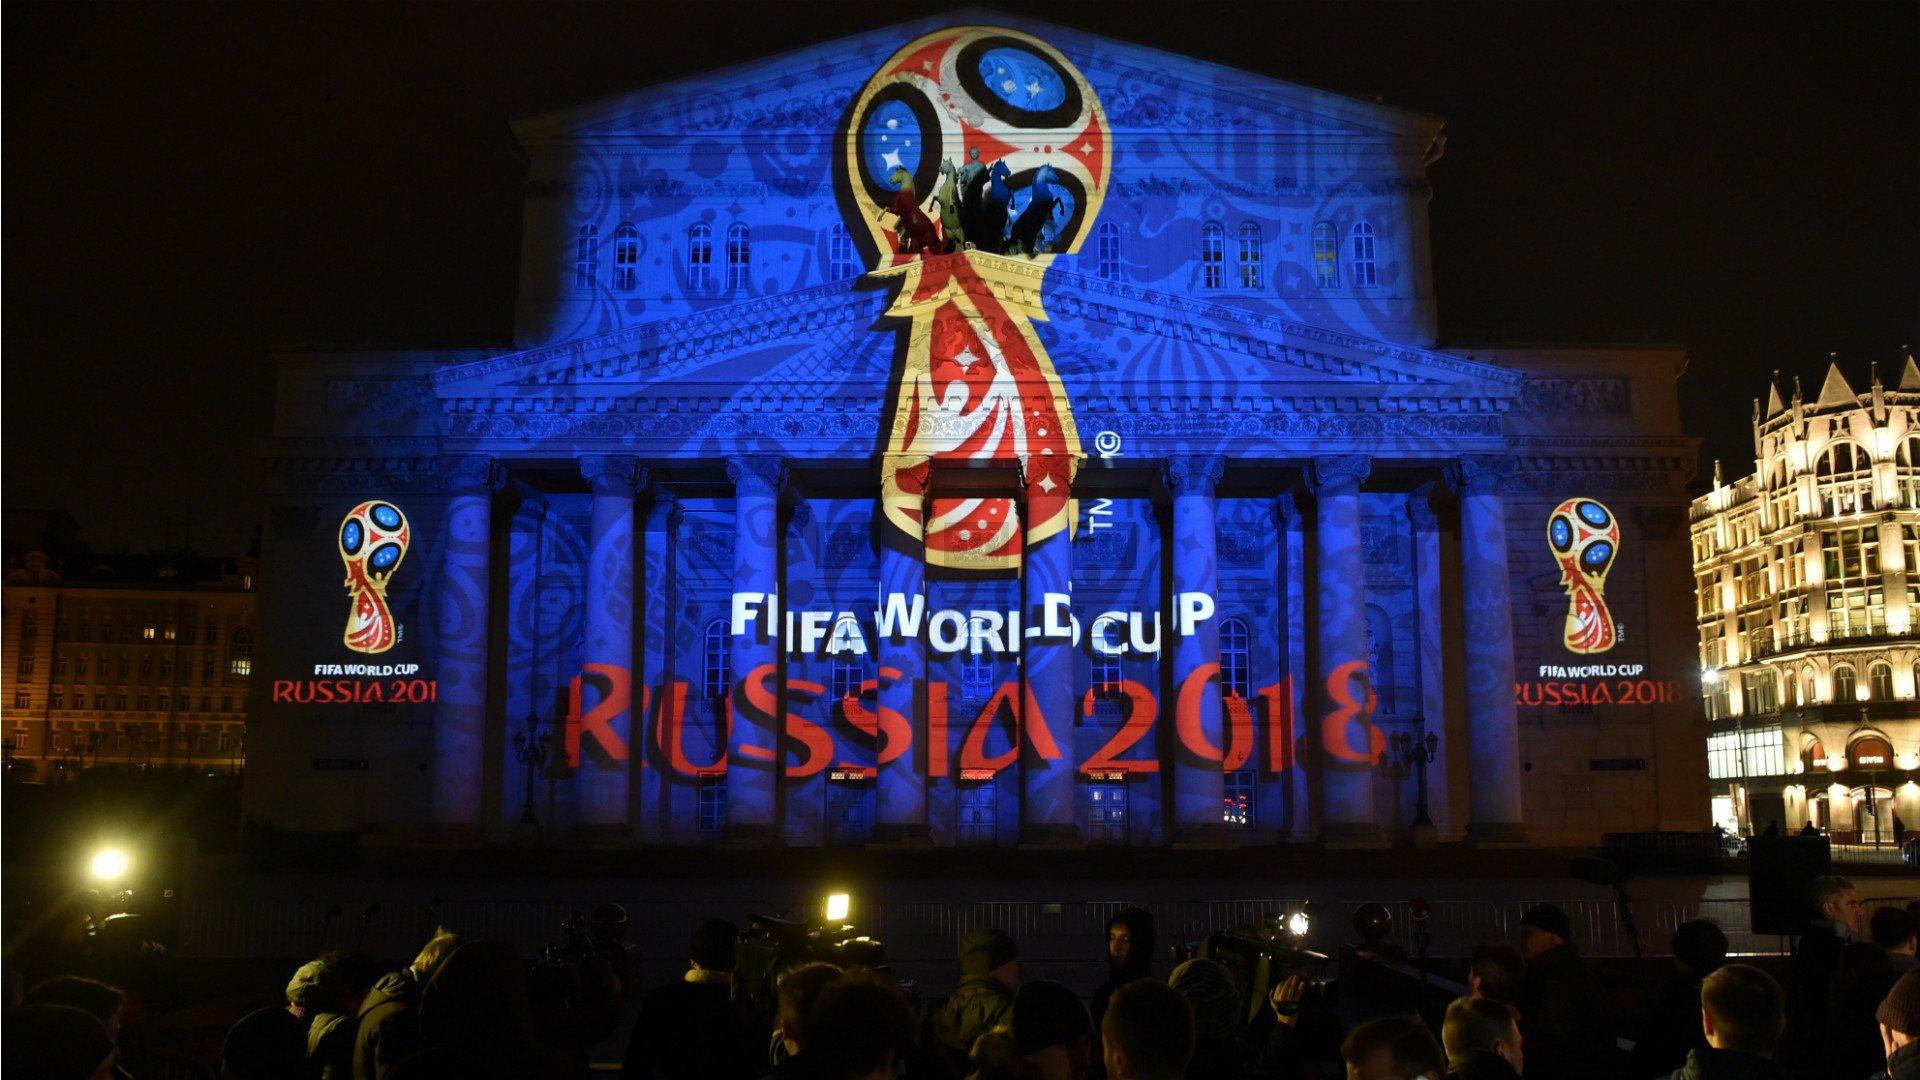 Футболисты сборной РФ представили гостевую форму, вдохновленную «стилем улиц»